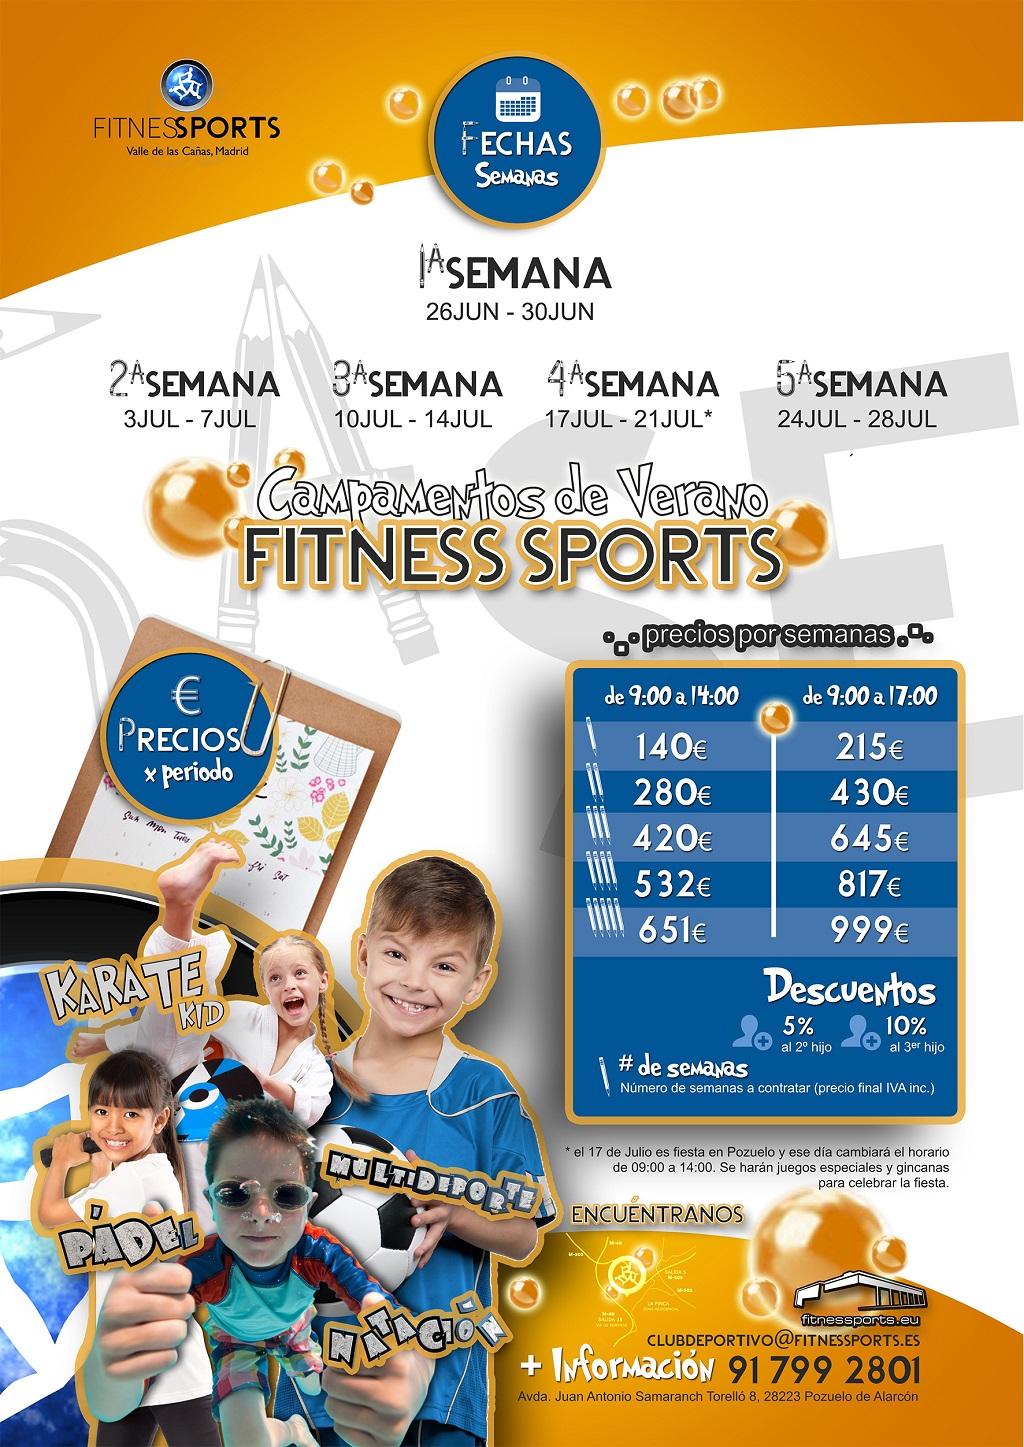 A5 Campamentos de Verano 2017 v2 Fitness Sports Valle de las Cañas by Perfect Pixel Publicidad